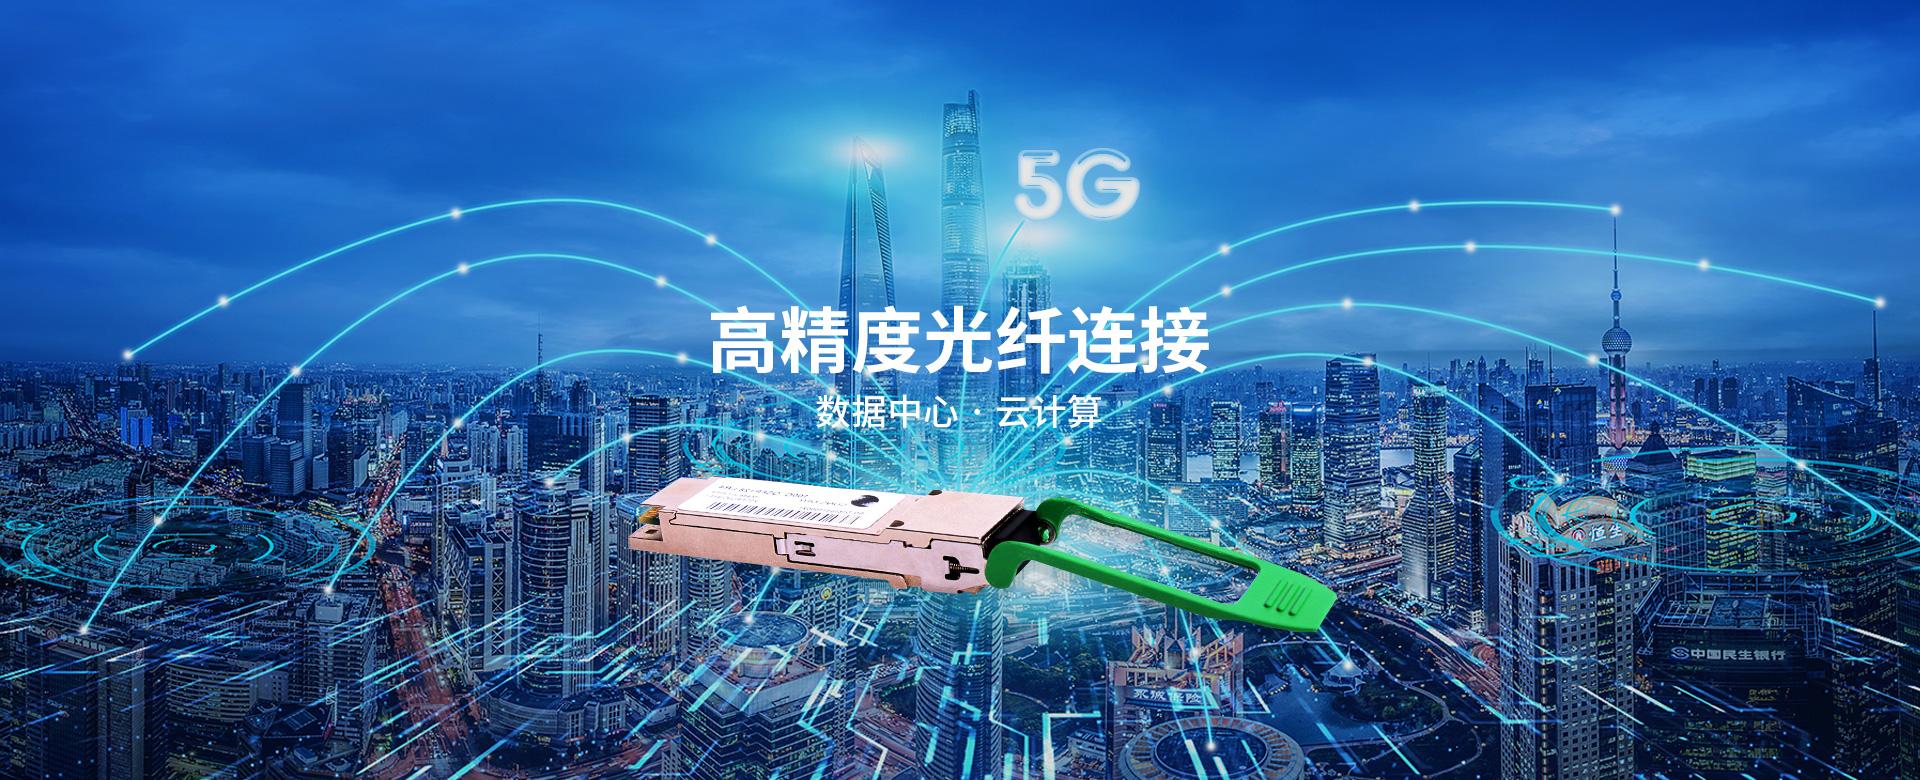 高精度光纤连接   数据中心 · 云计算